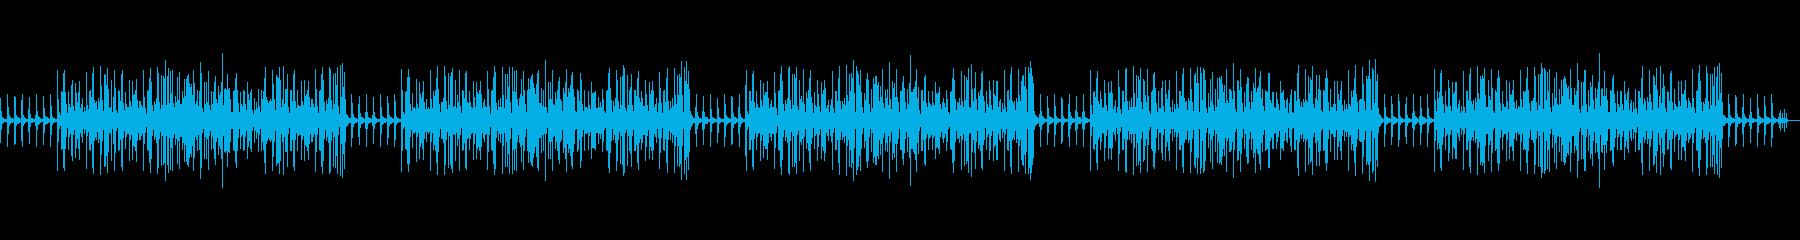 ジャズラウンジ、YouTubeの再生済みの波形